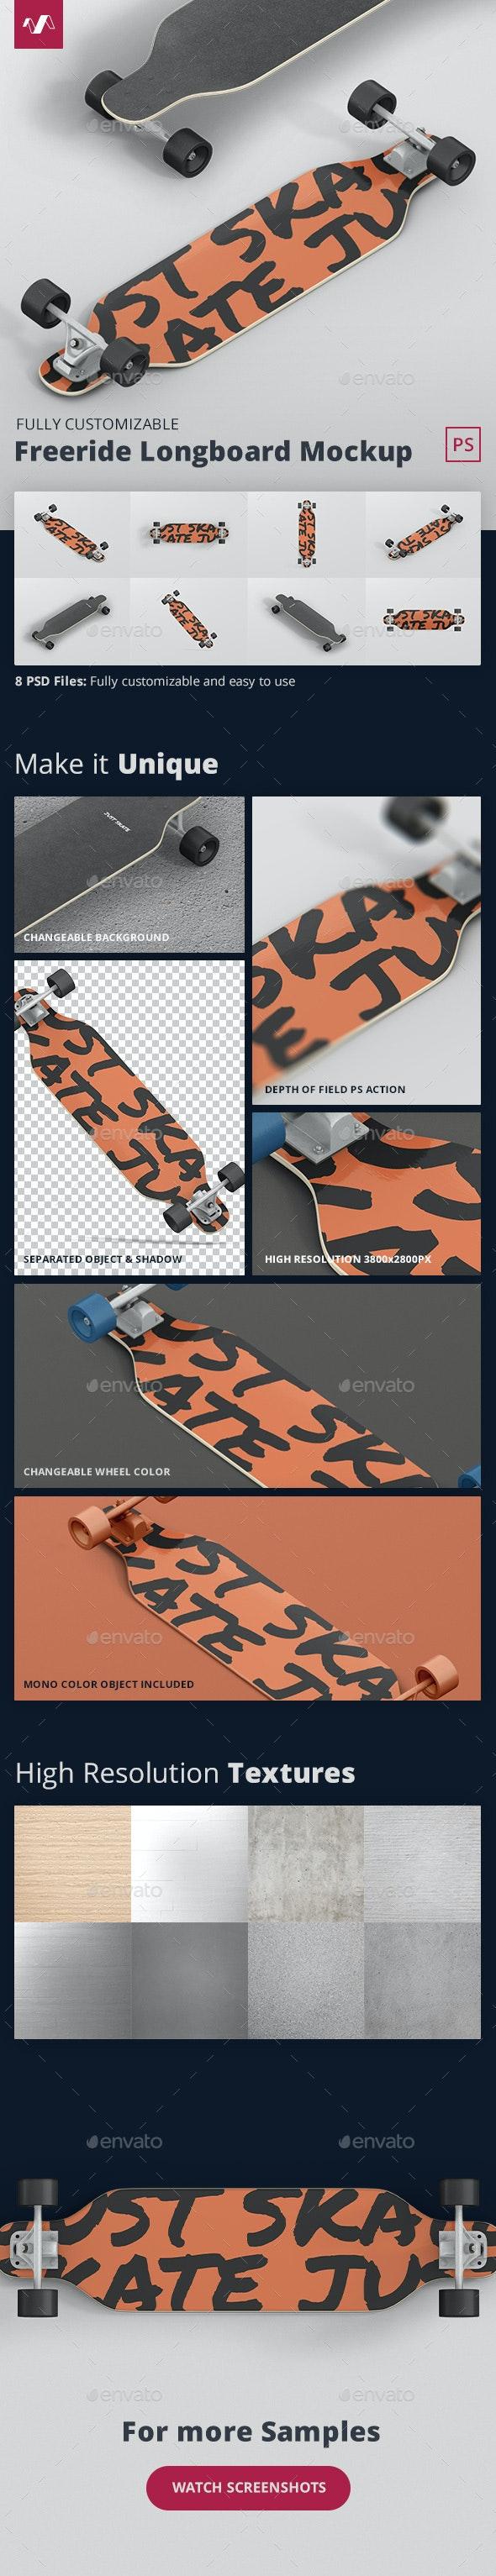 Freeride Longboard Mockup - Miscellaneous Product Mock-Ups